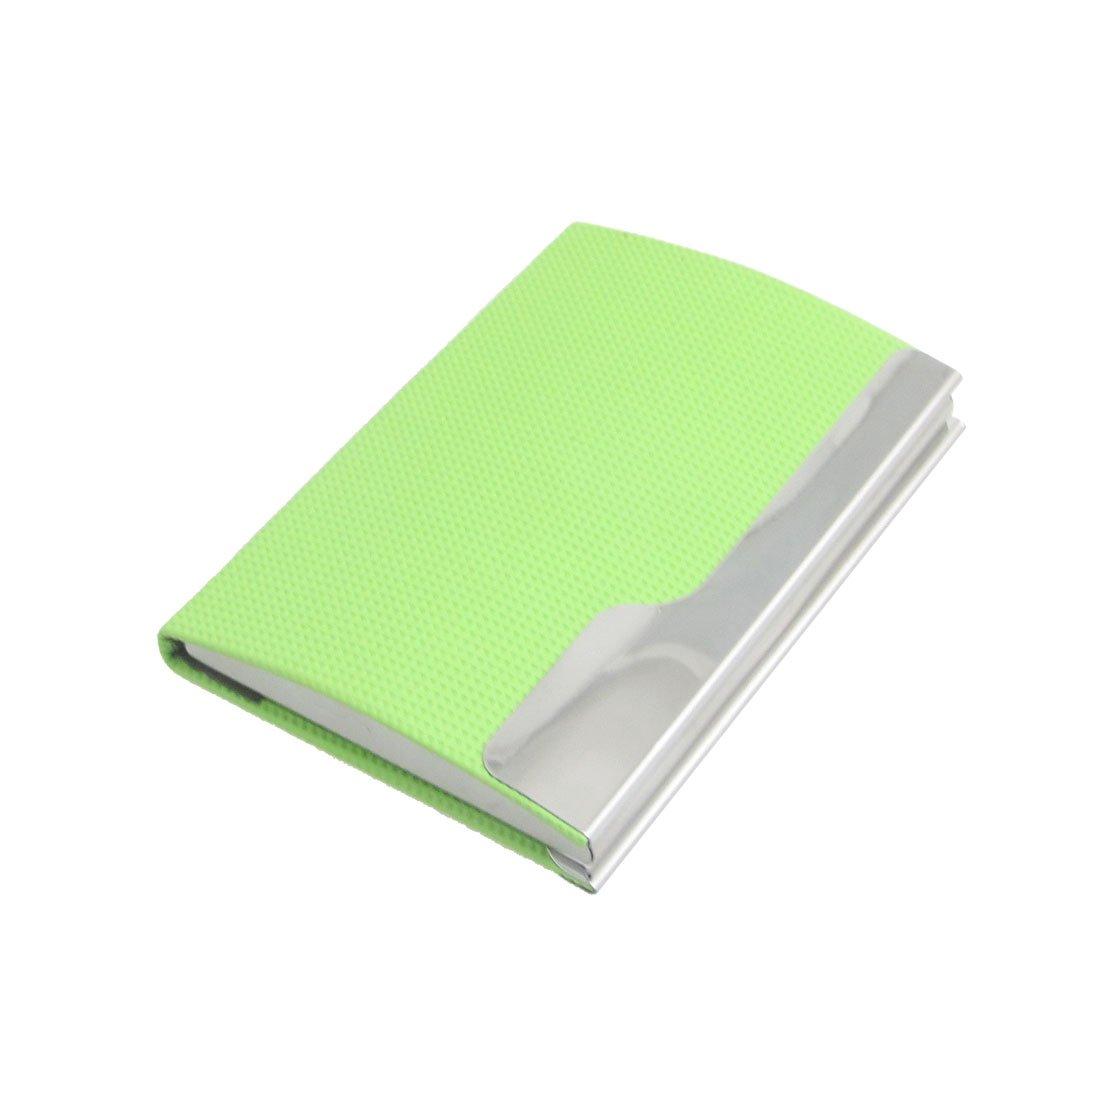 Kunstleder Checker Muster Visitenkartenhalter Lemon Green SourcingMap a12061300ux0033